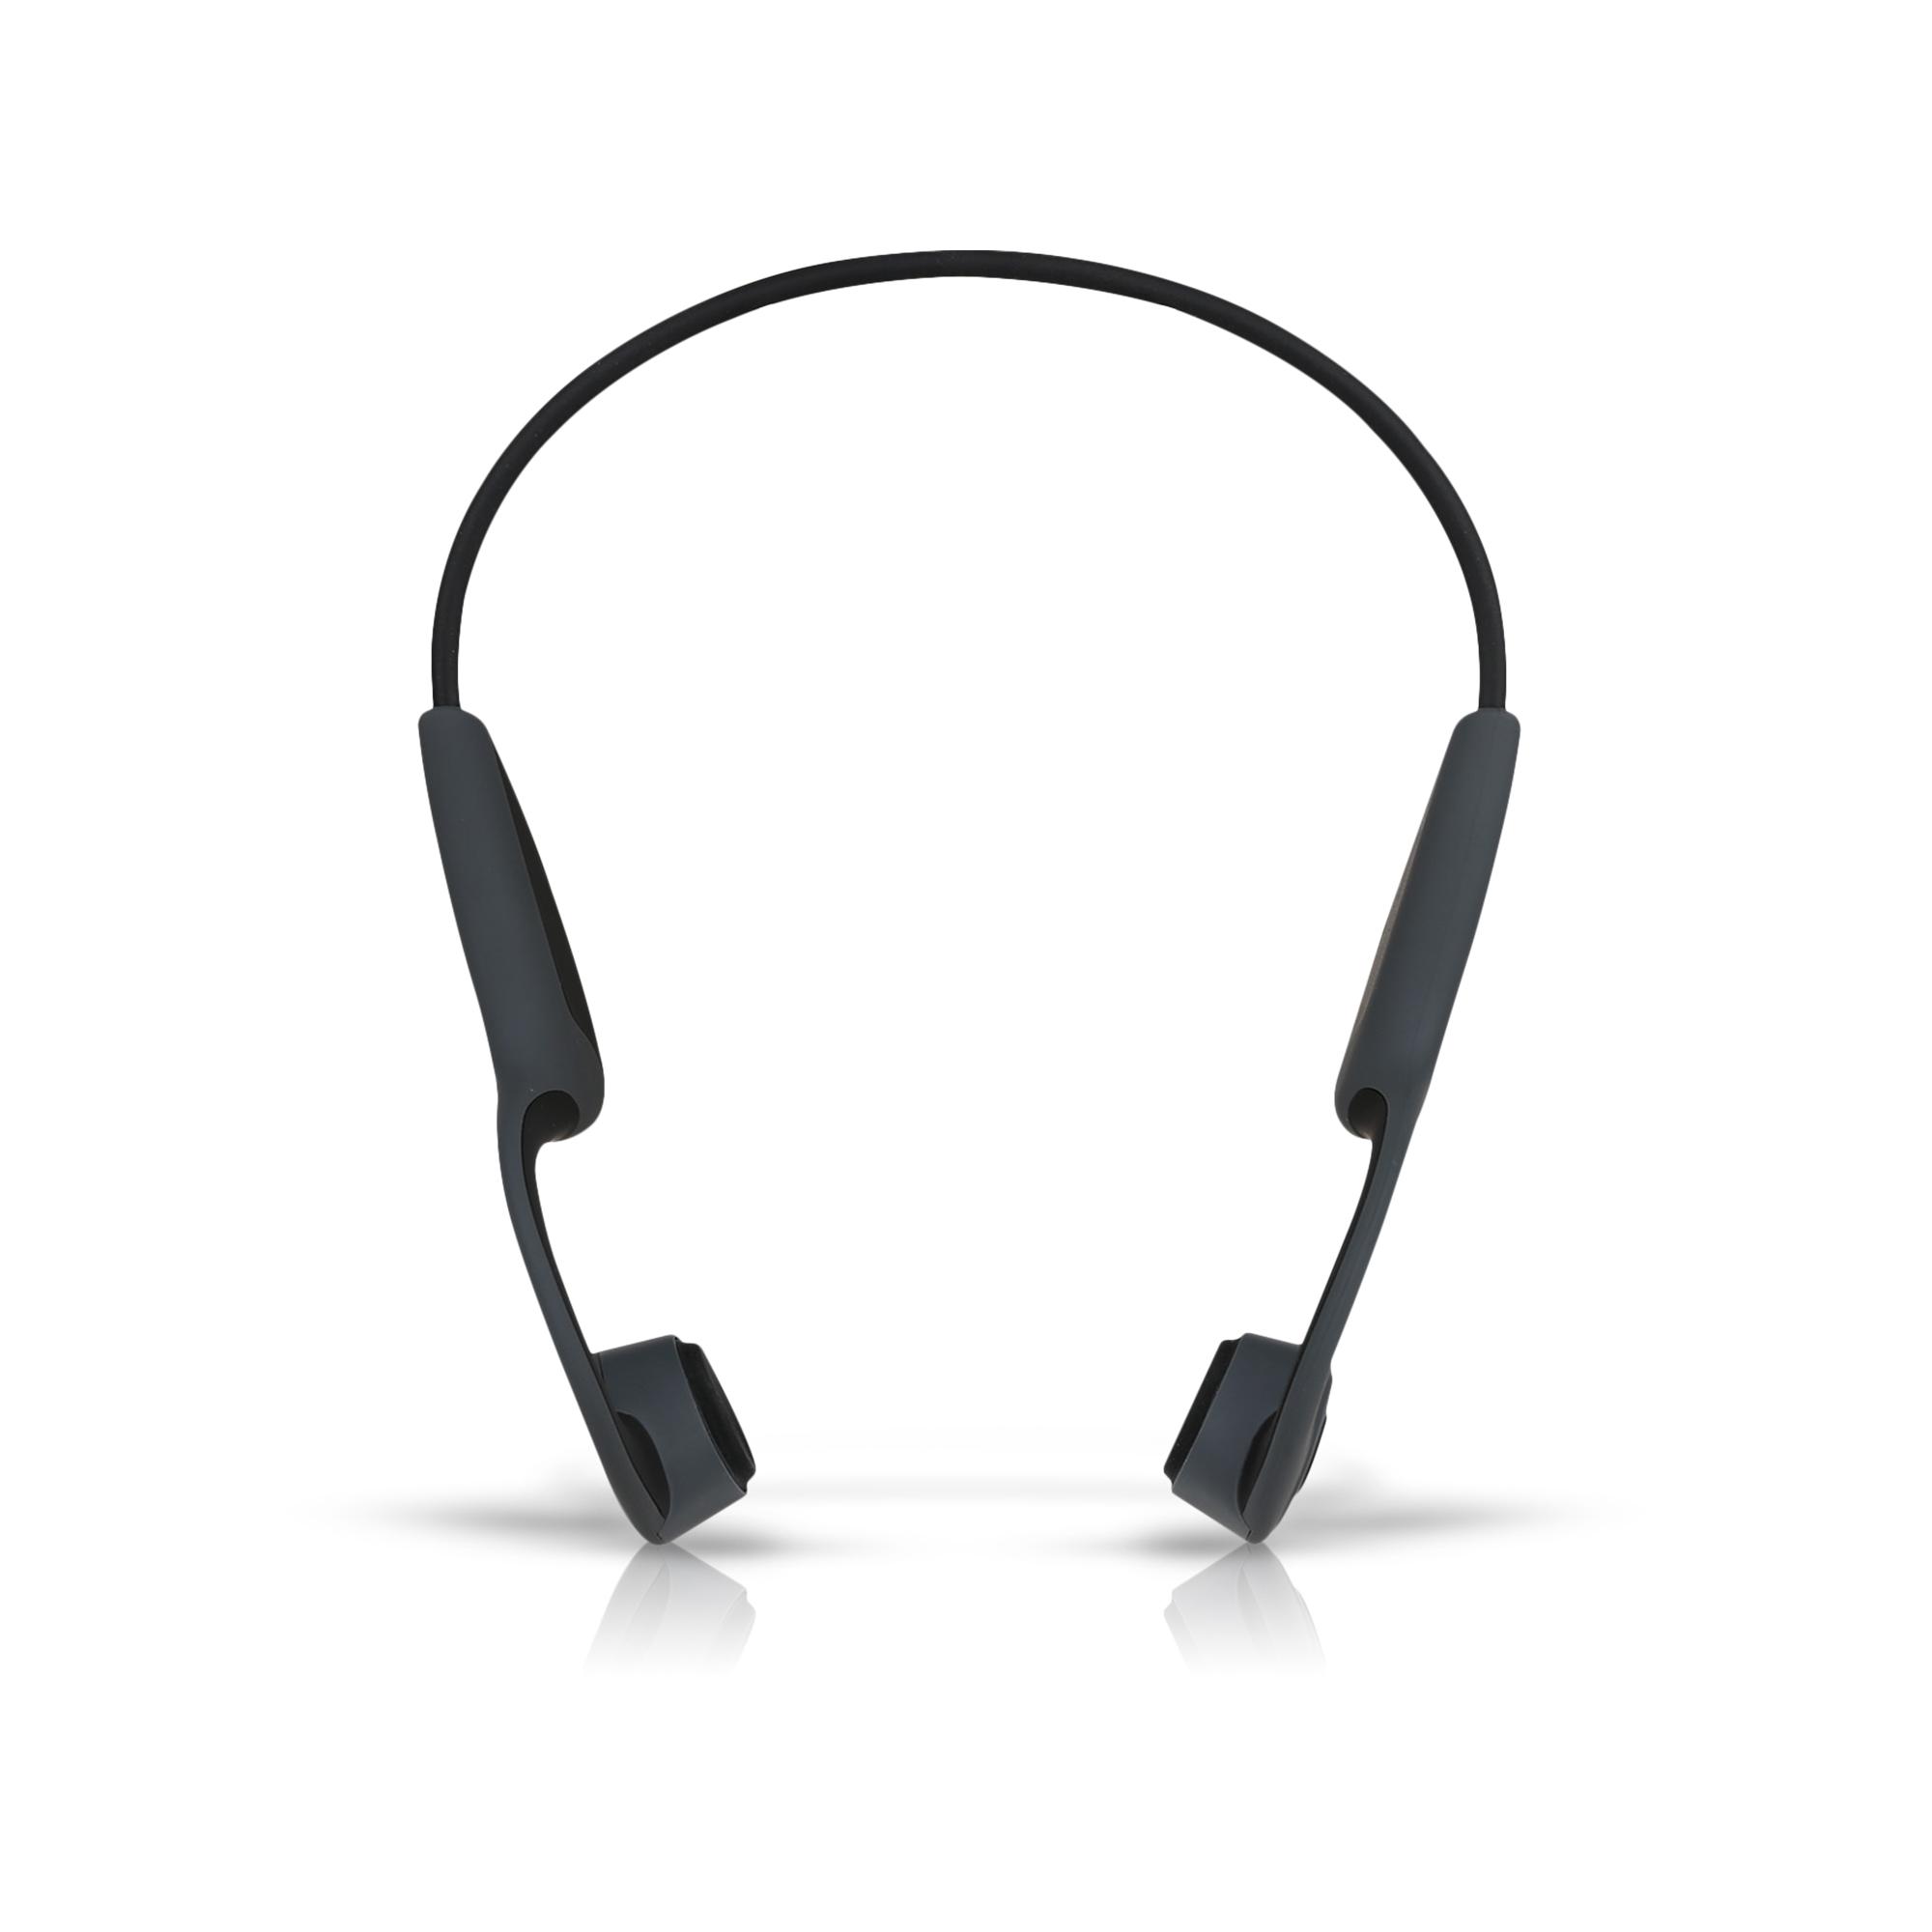 스마텍 골전도 무선 블루투스 이어폰, STBT-BCE01, 블랙